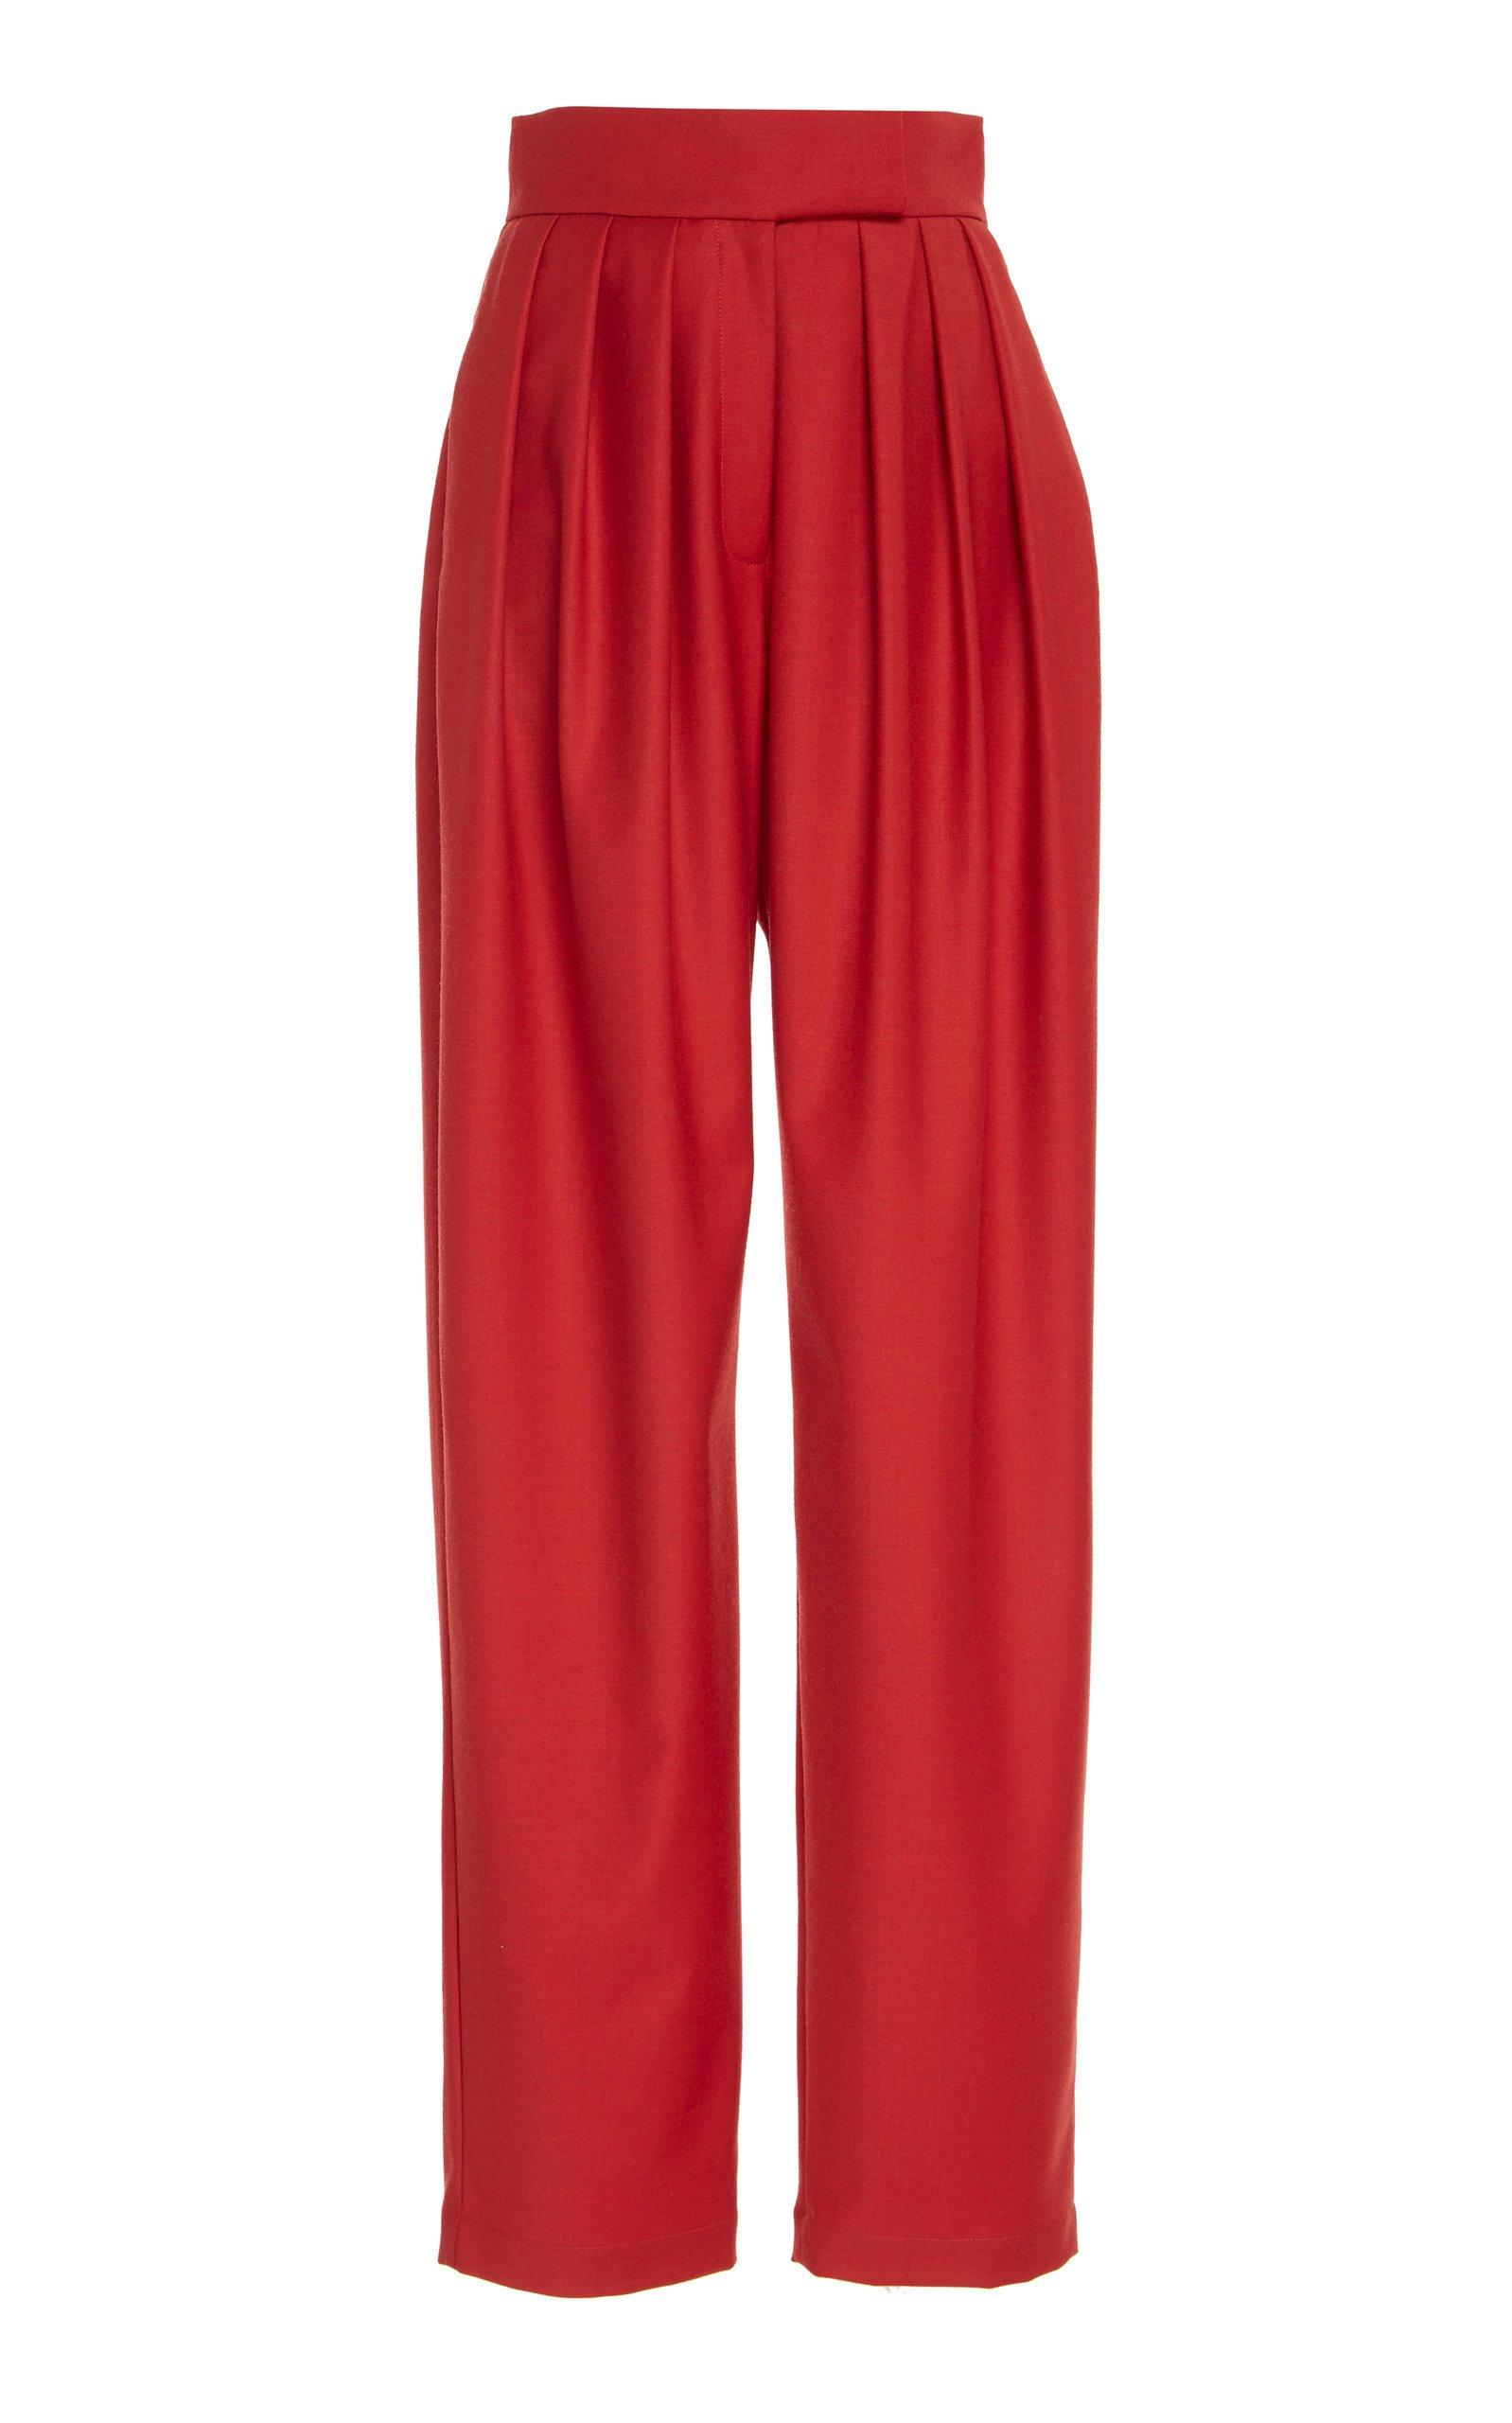 MATÉRIEL High Waisted Wool-Blend Pleated Pants